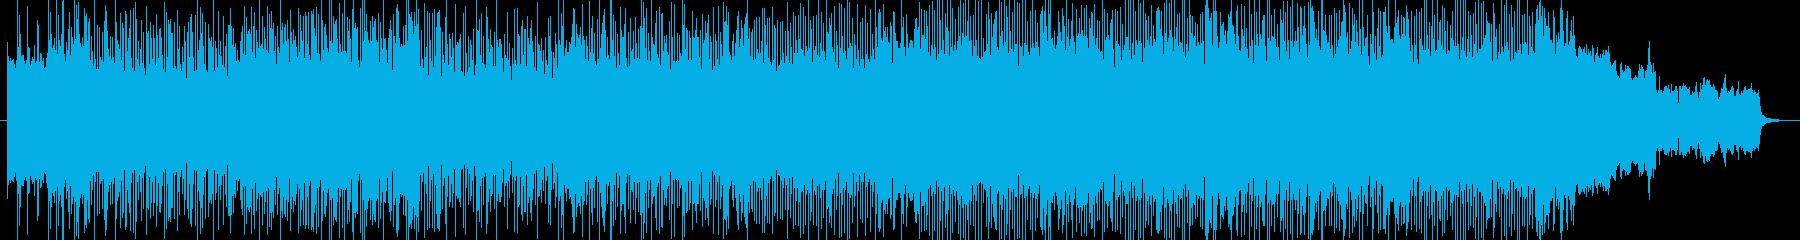 「ハード/ロック/パワー」BGM79の再生済みの波形